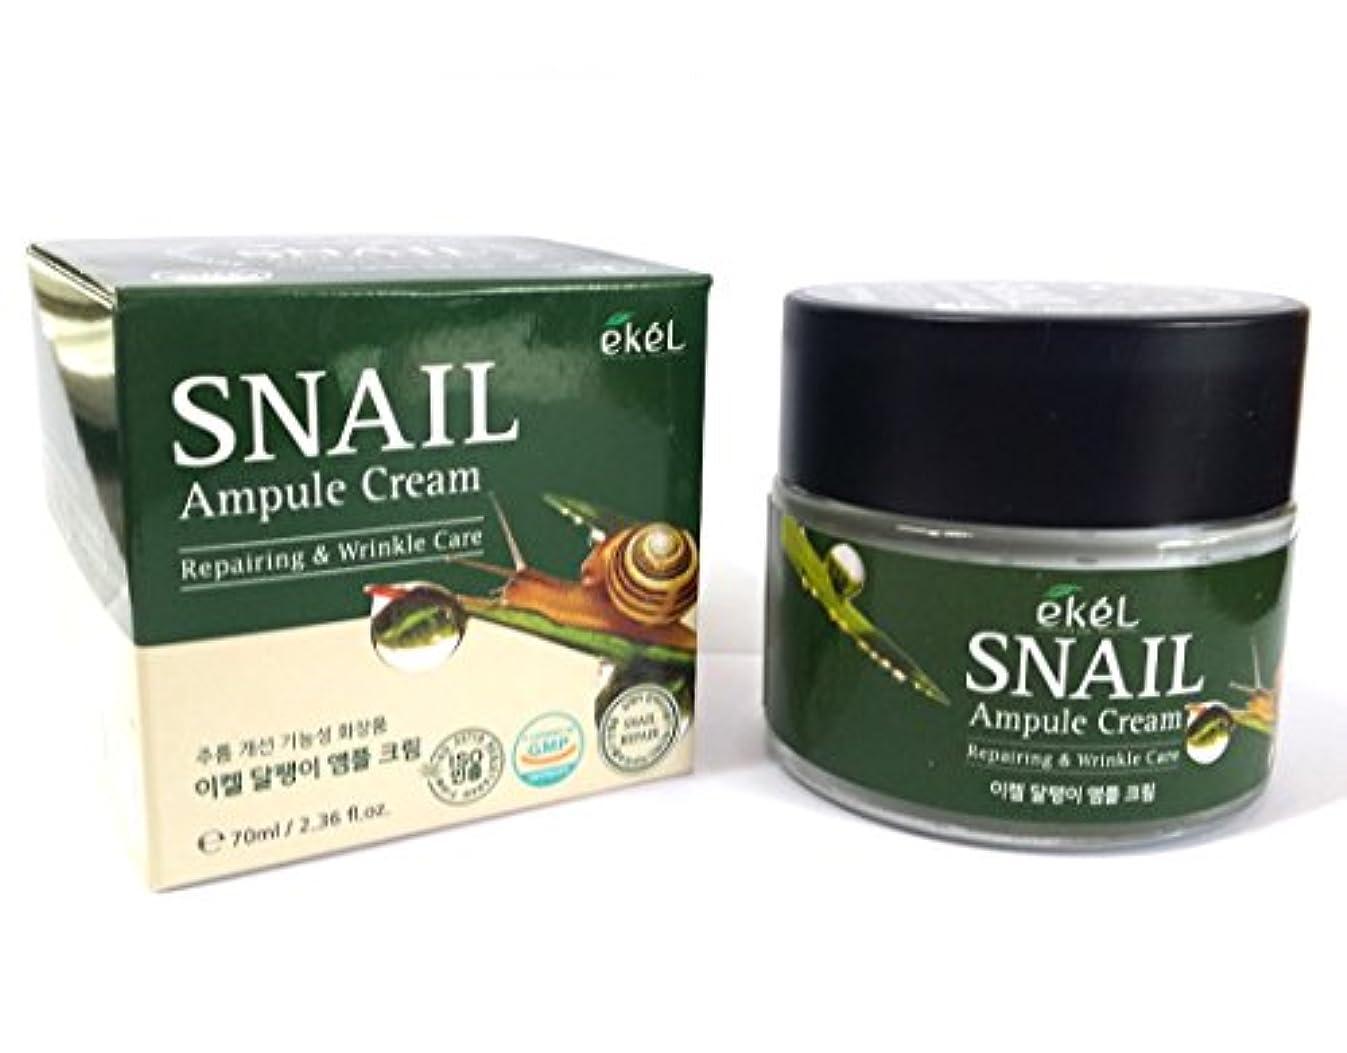 休憩教義天[EKEL] カタツムリアンプルクリーム70ml / Snail Ampule Cream 70ml / / リペアリング&リンクルケア / ハイドレーティングクリーム / Repairing & Wrinkle Care/hydrating cream / 韓国化粧品 / Korean Cosmetics [並行輸入品]